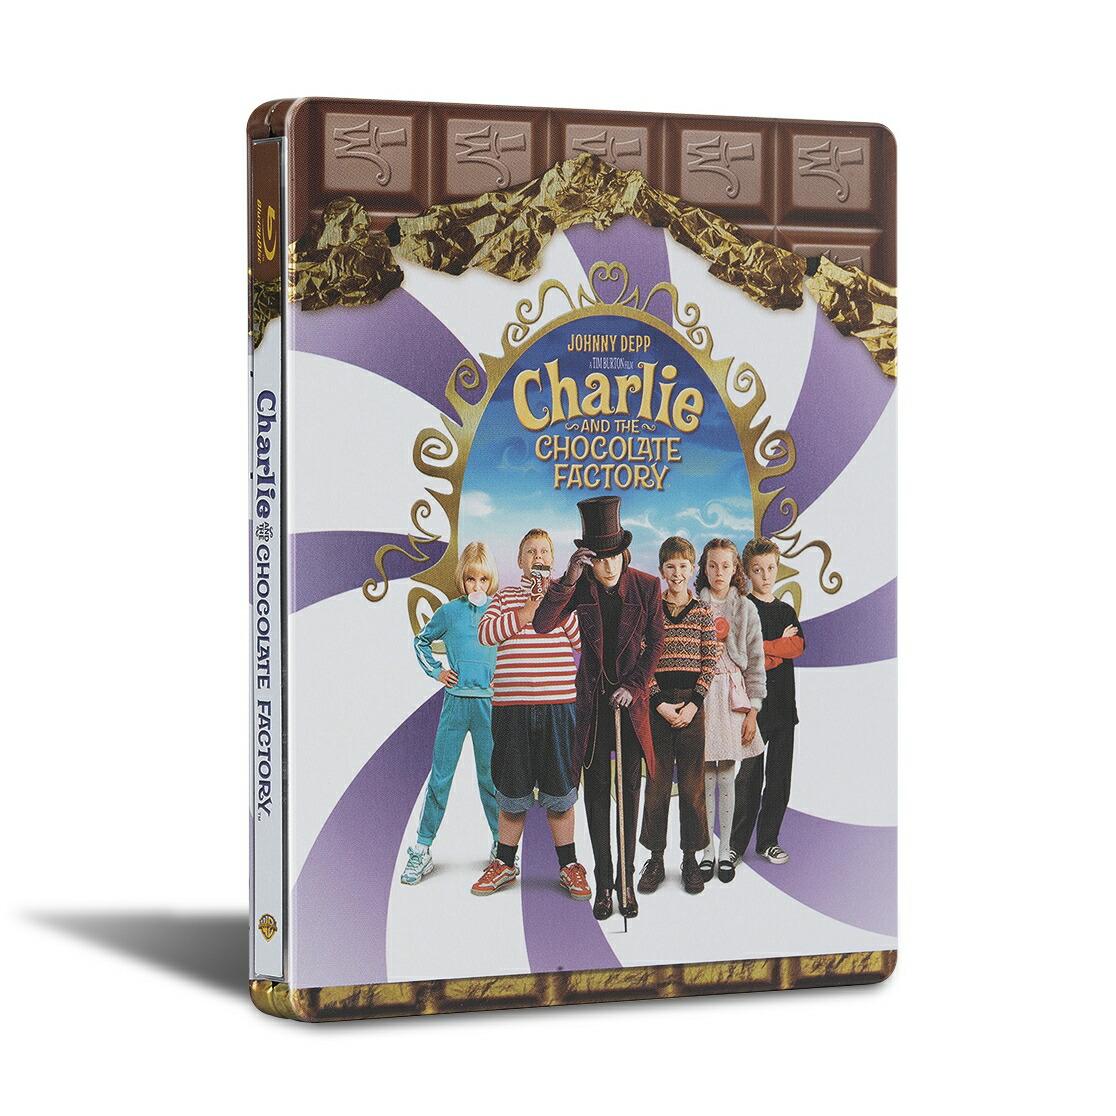 【数量限定生産】チャーリーとチョコレート工場 ブルーレイ スチールブック仕様[1000701985][Blu-ray/ブルーレイ] 製品画像